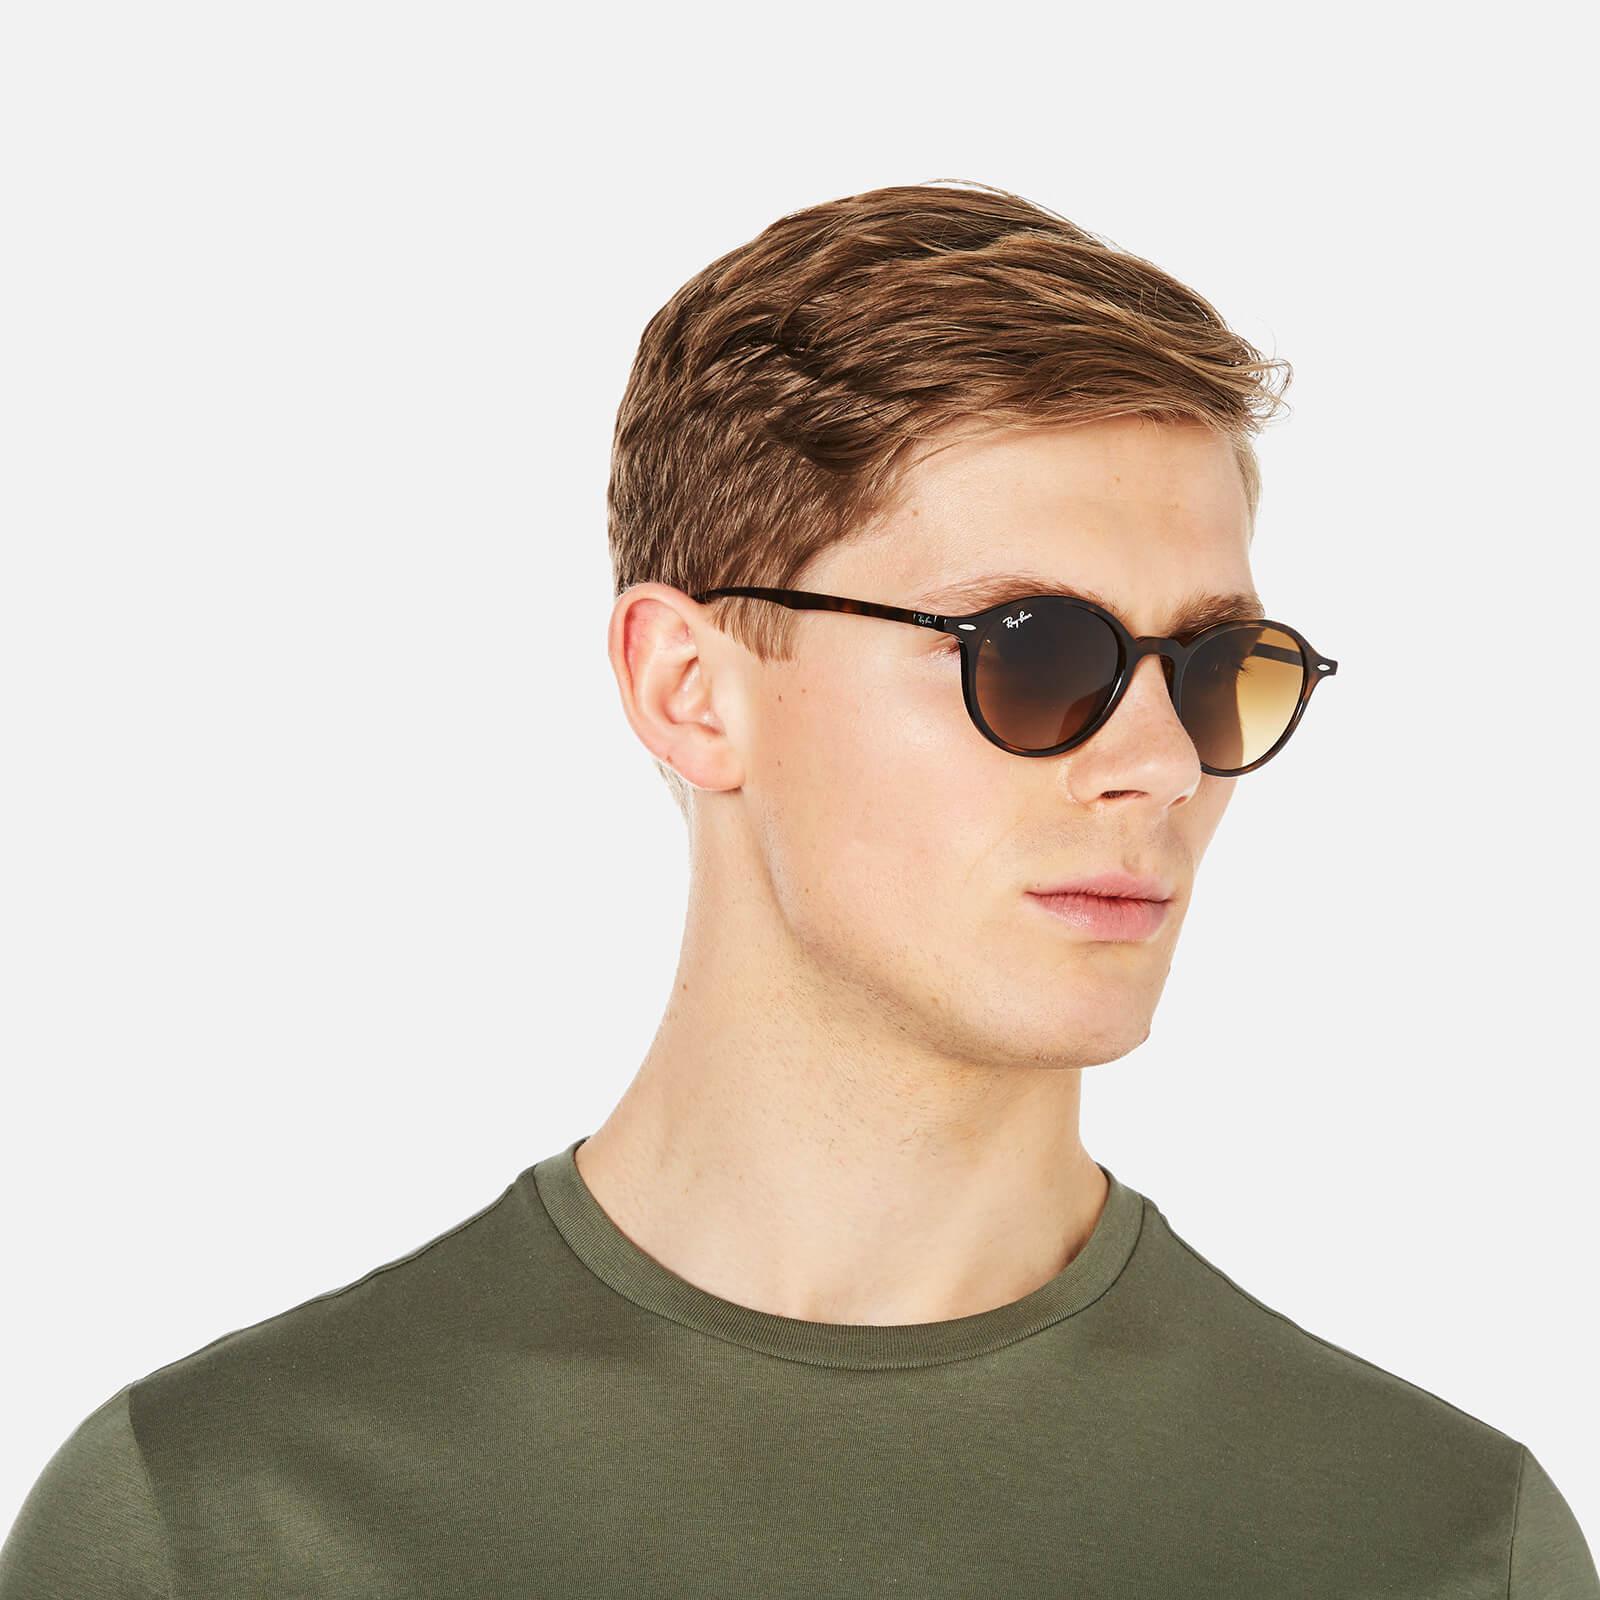 43b68e453e3 Ray-Ban - Multicolor Round Classic Sunglasses 49mm - Lyst. View fullscreen